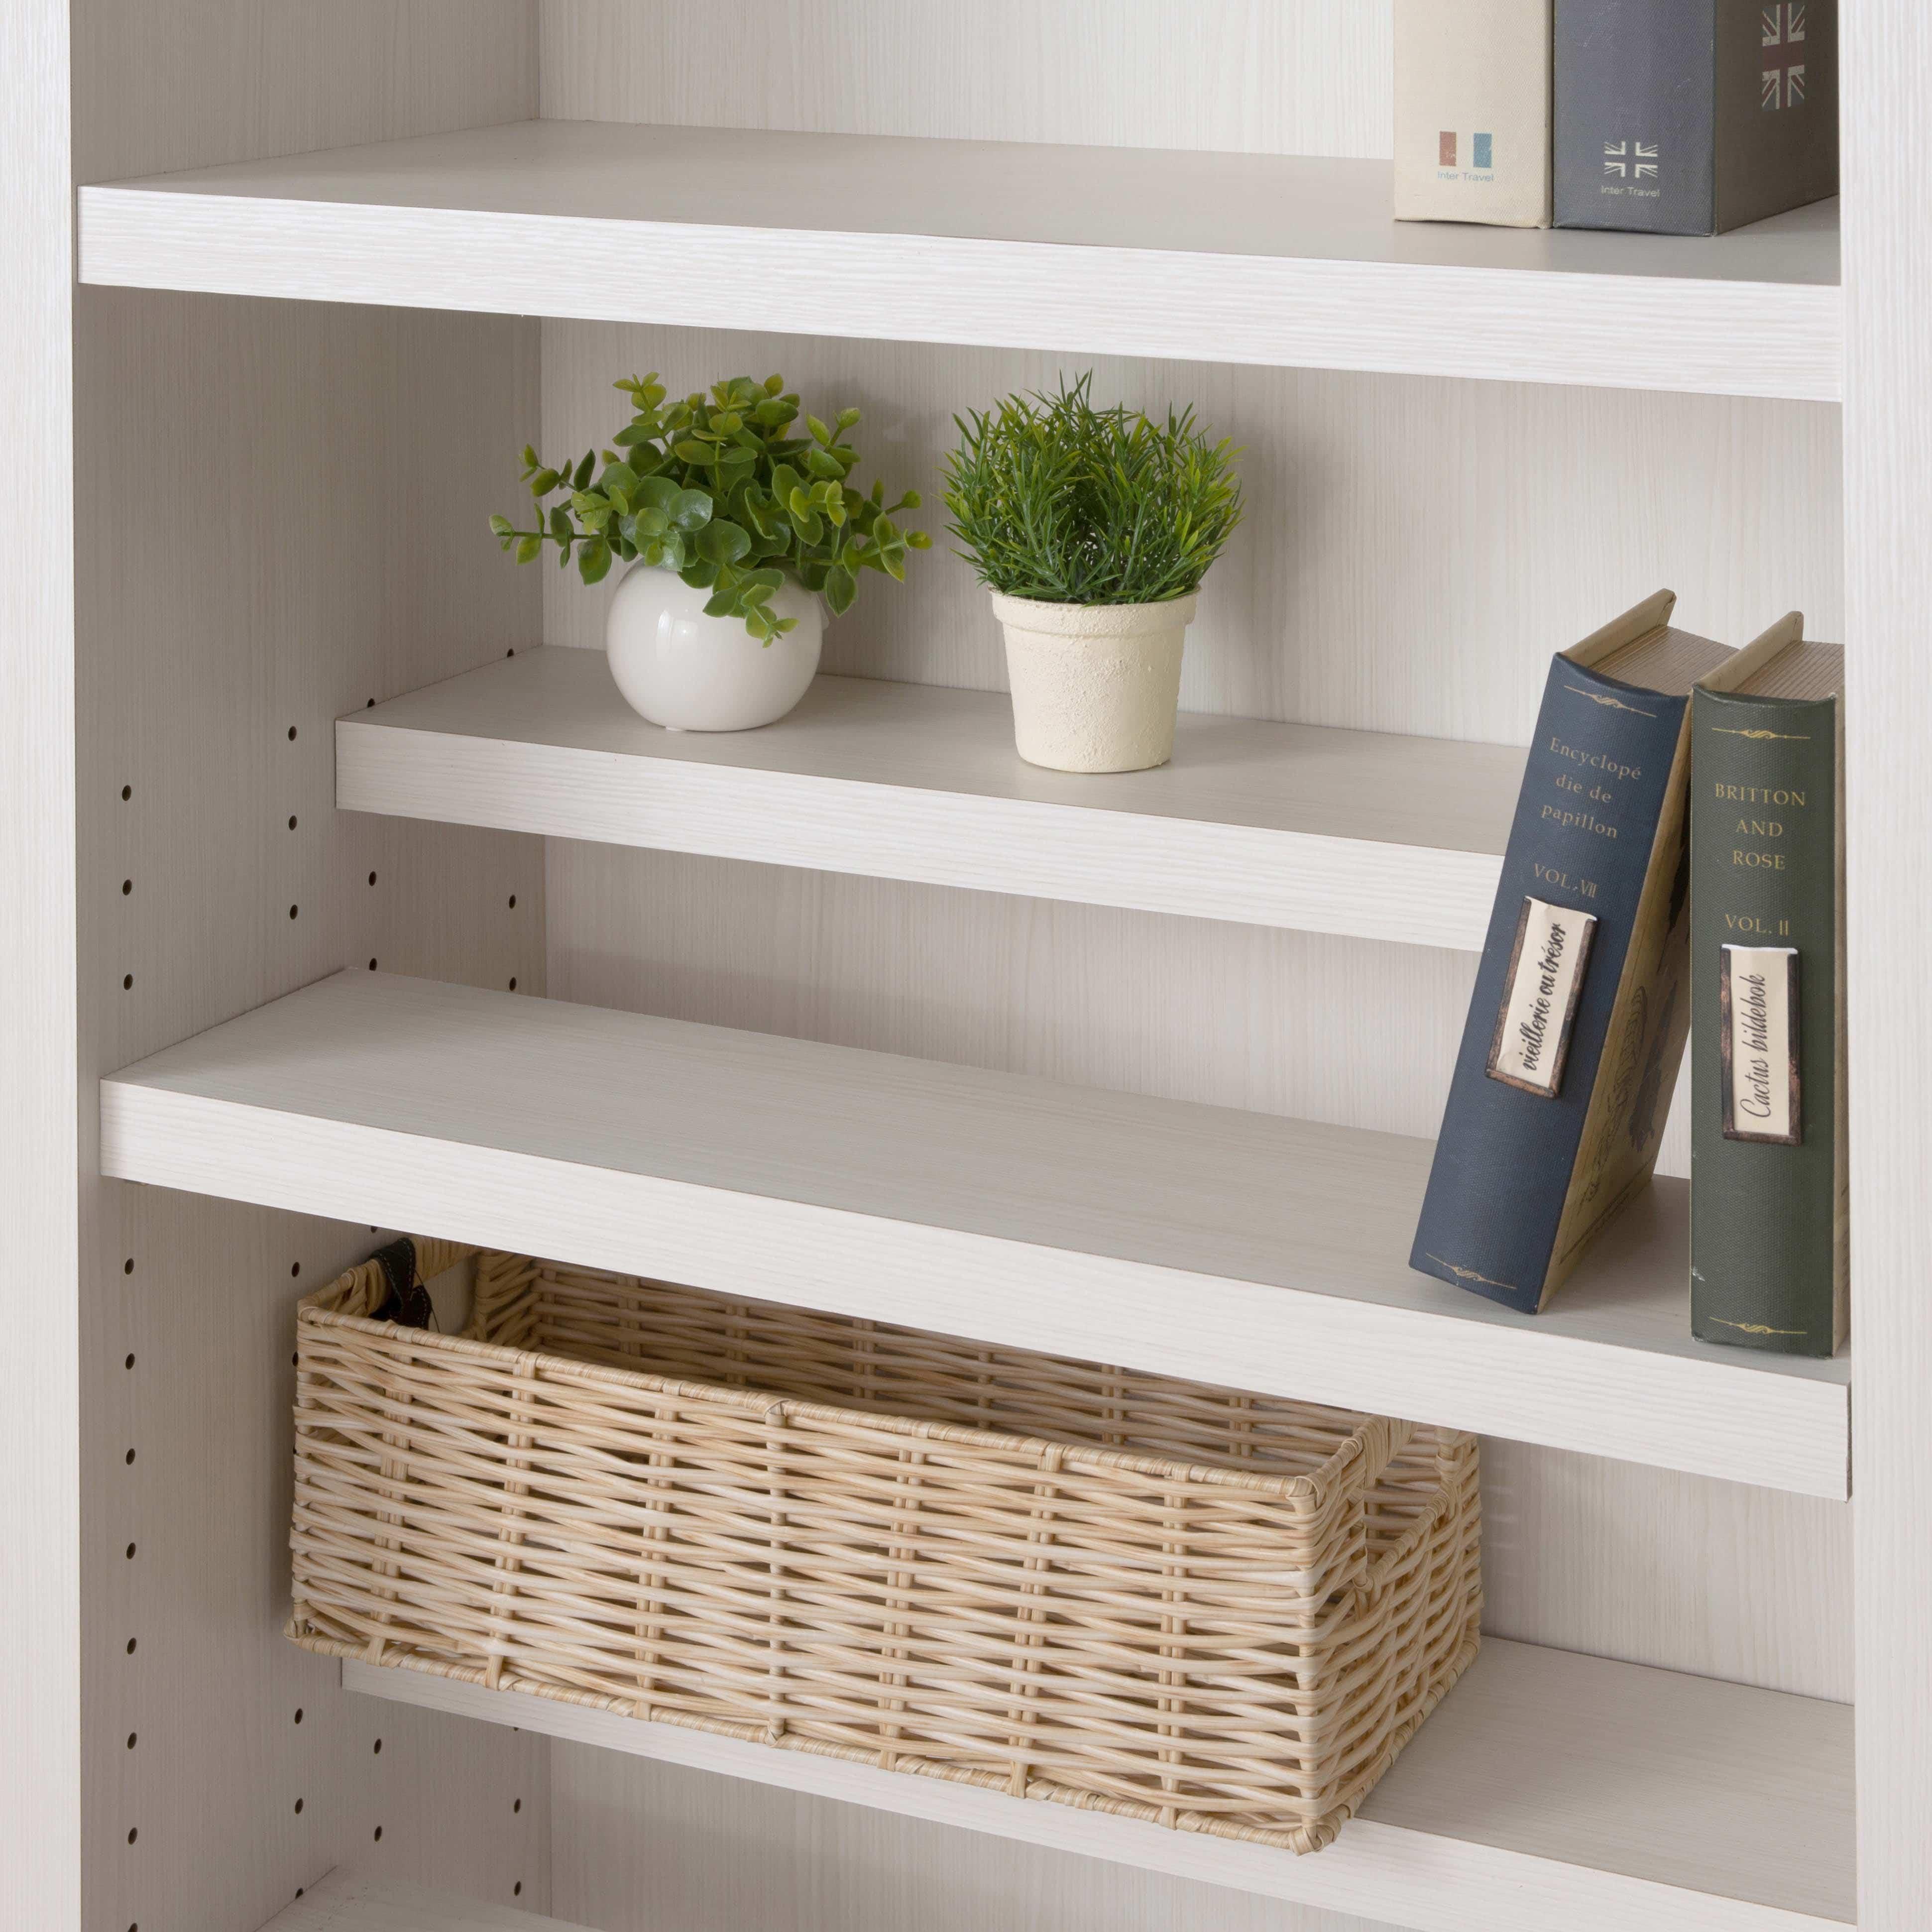 書棚 スカーラ 90Lフリーボード (ウォールナット):国内生産のこだわり